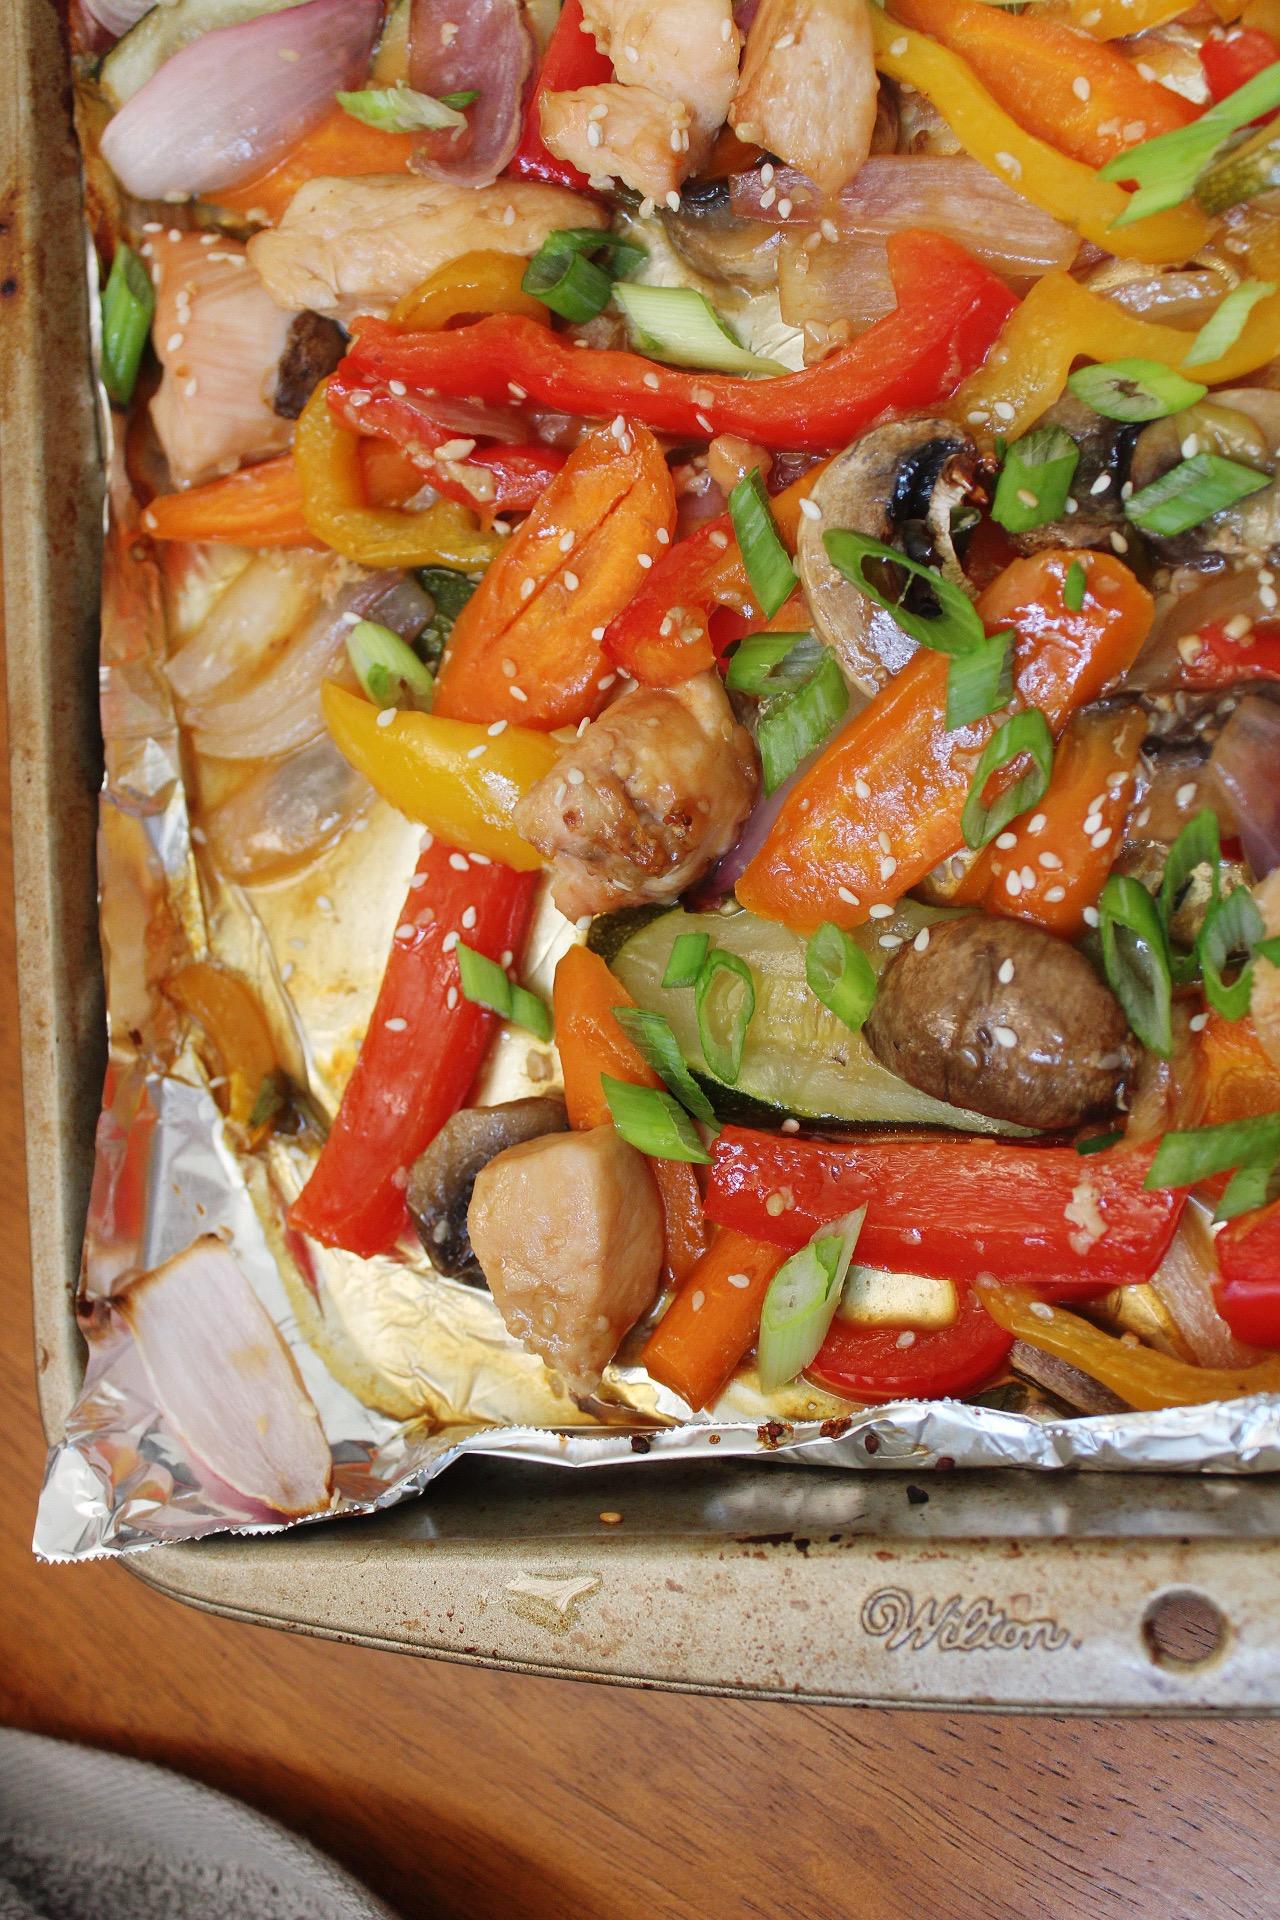 sheet pan stir fry